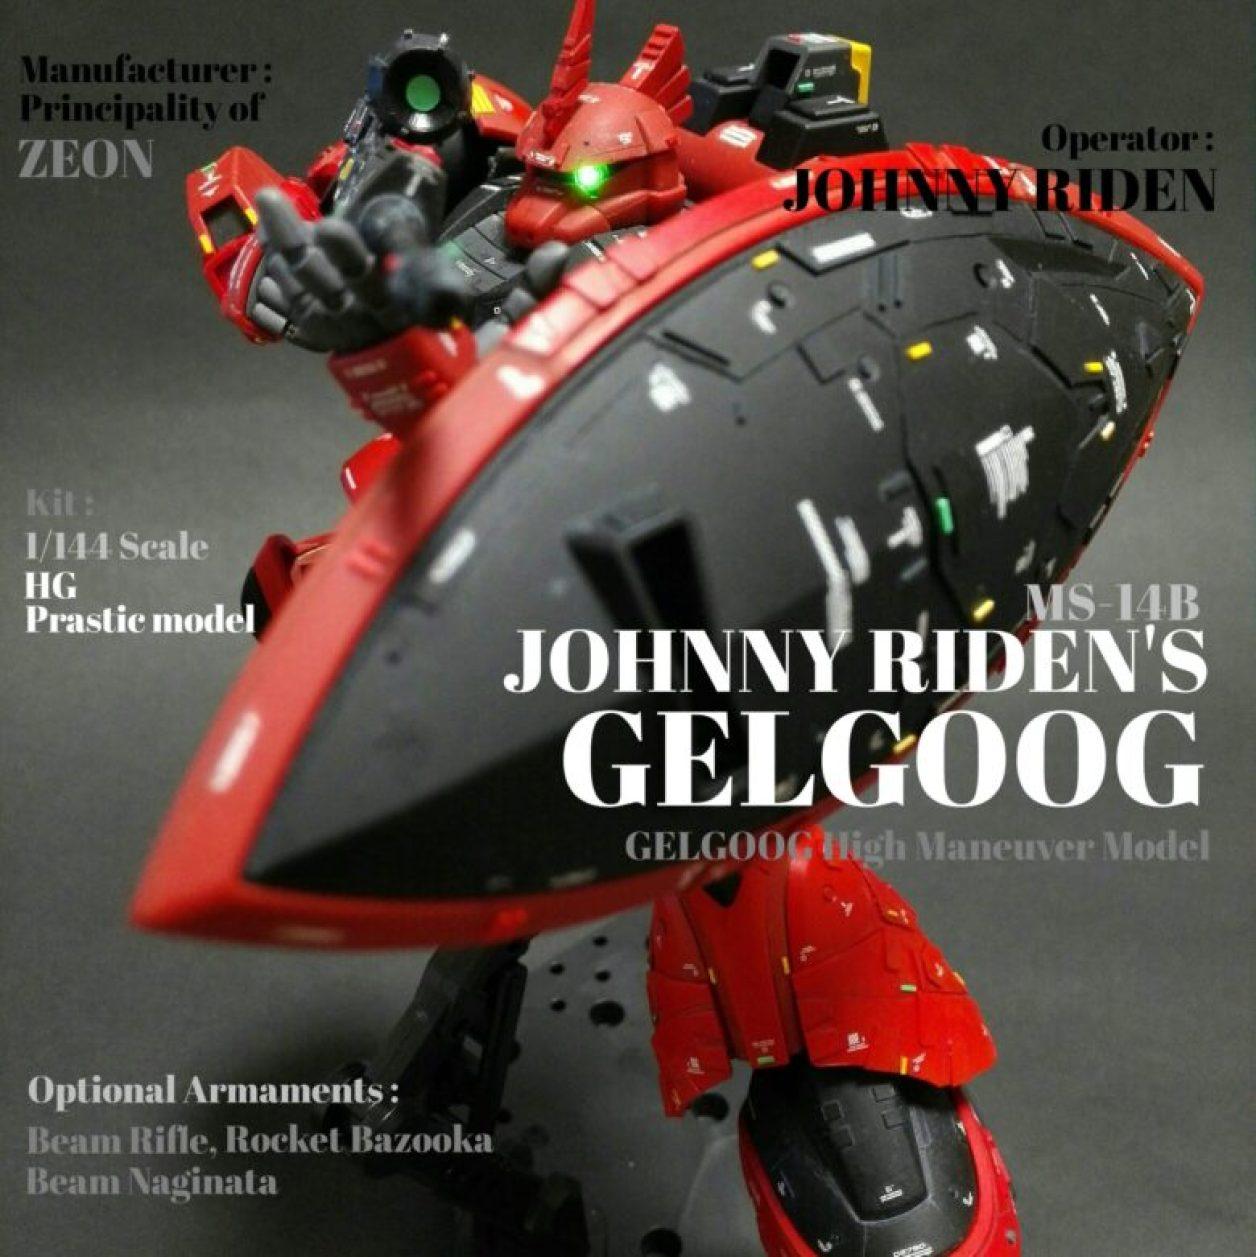 hg 1/144 ジョニー・ライデン専用ゲルググをディテールアップした画像